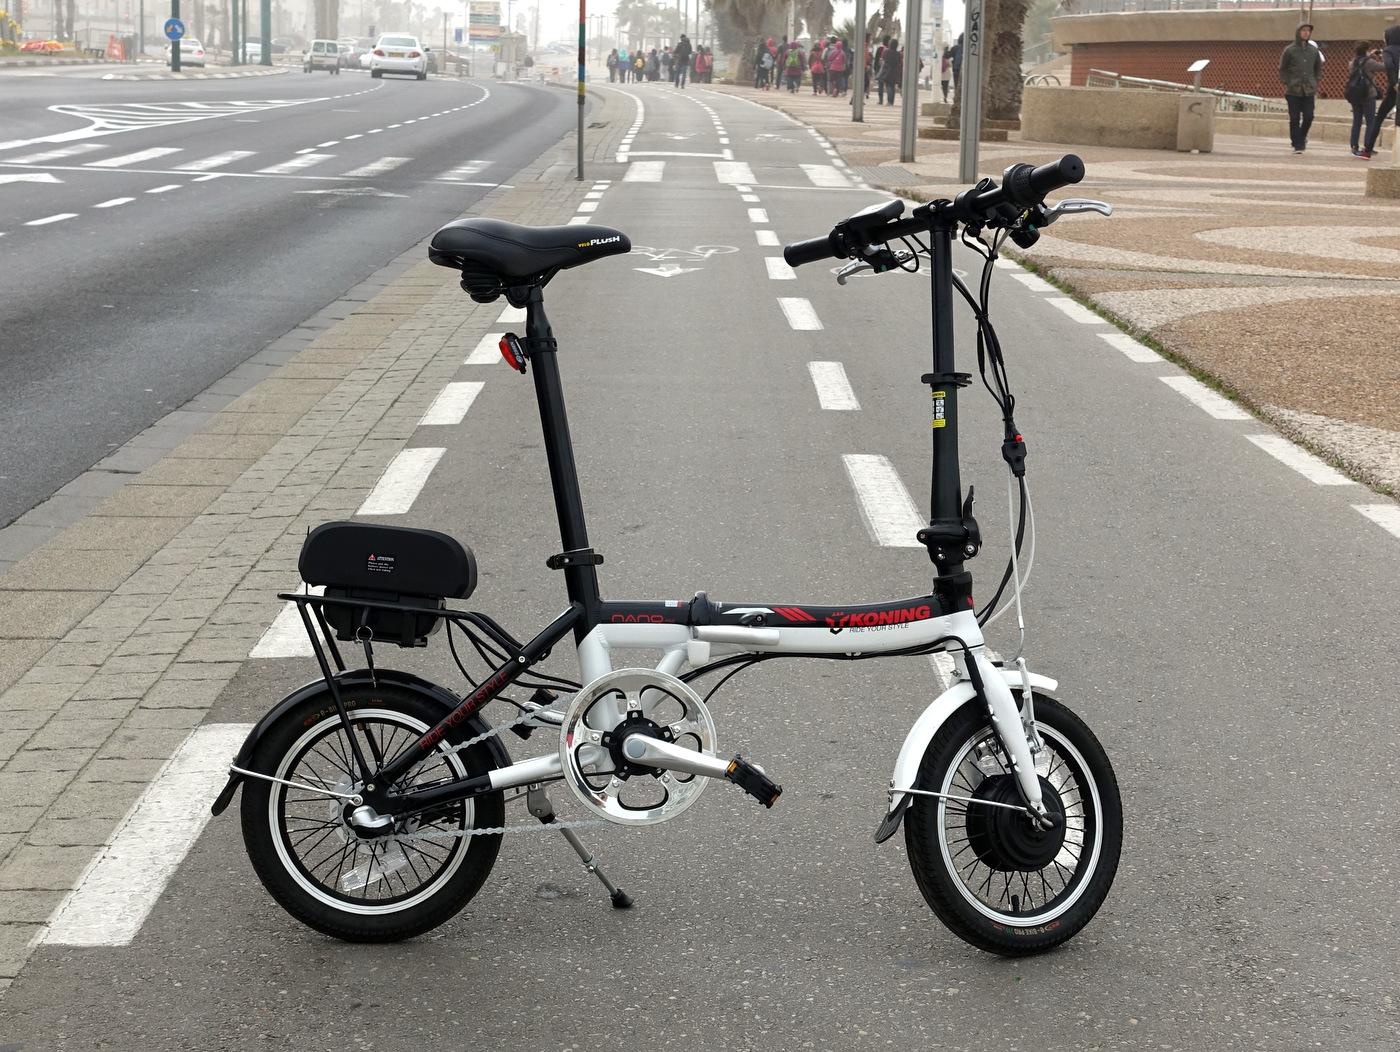 מדהים ראיון עם הראל שקד על אופניים חשמליים ומותג Koning - BIKEPANEL WG-81